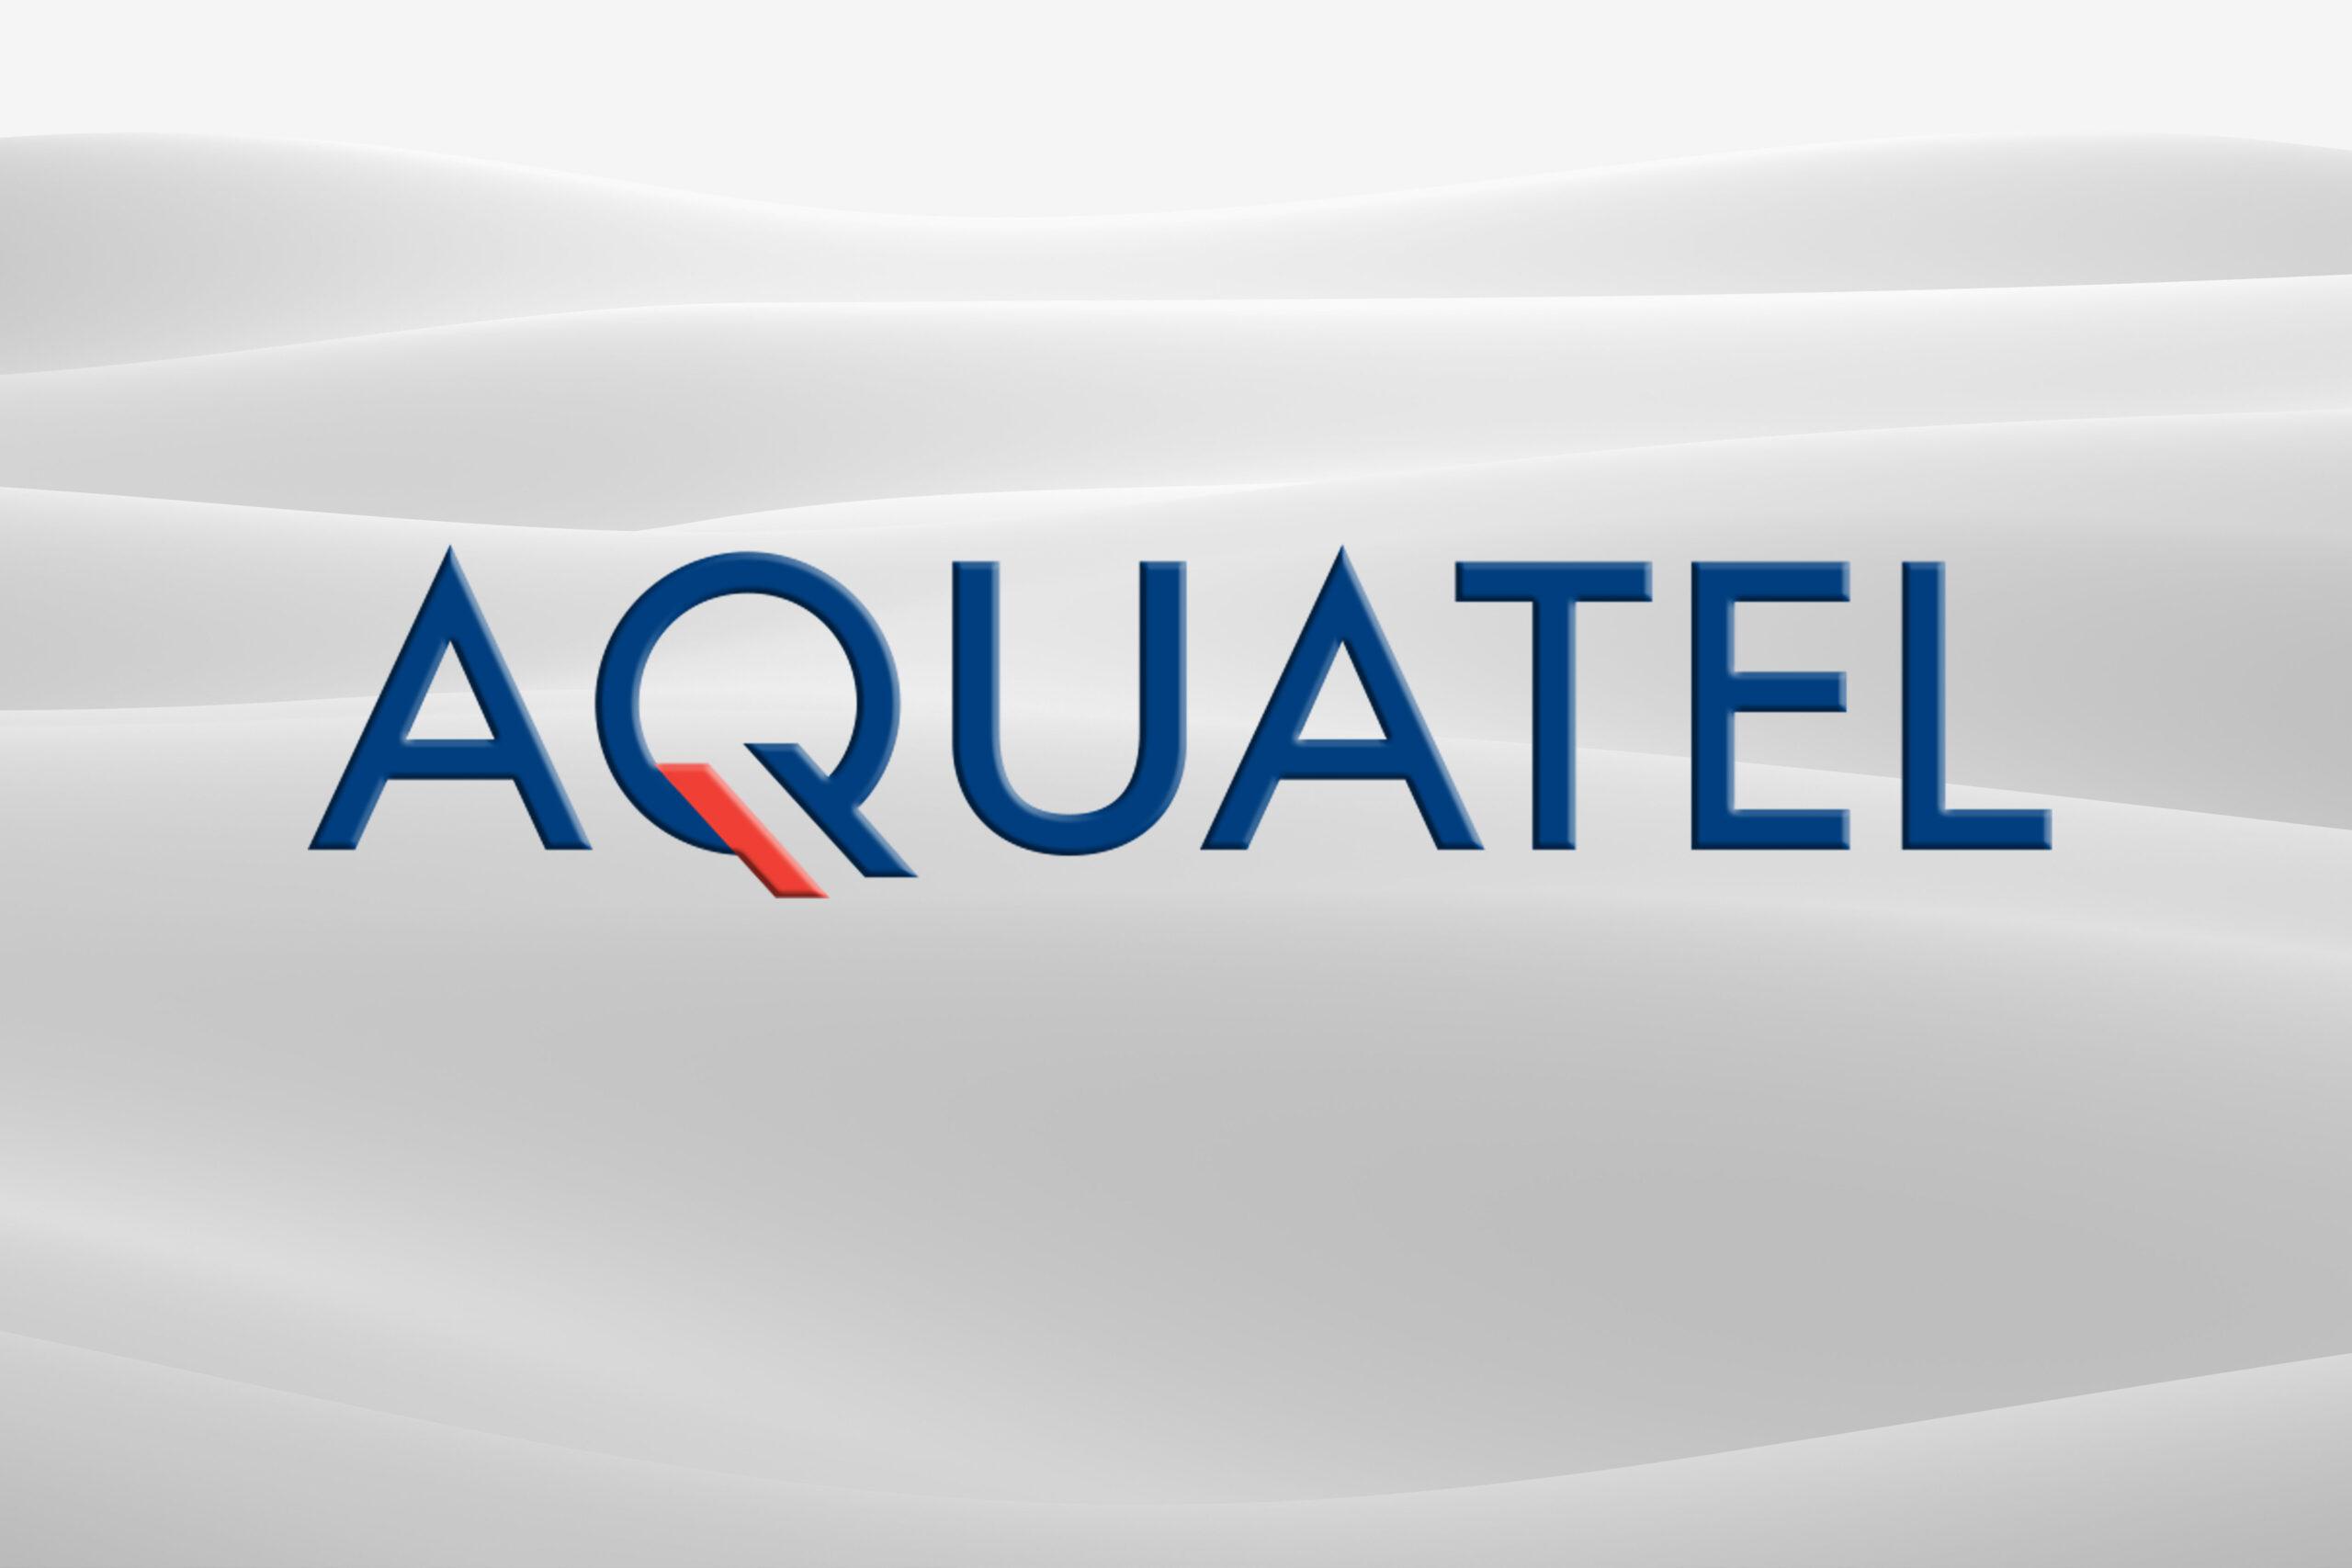 Aquatel logo News